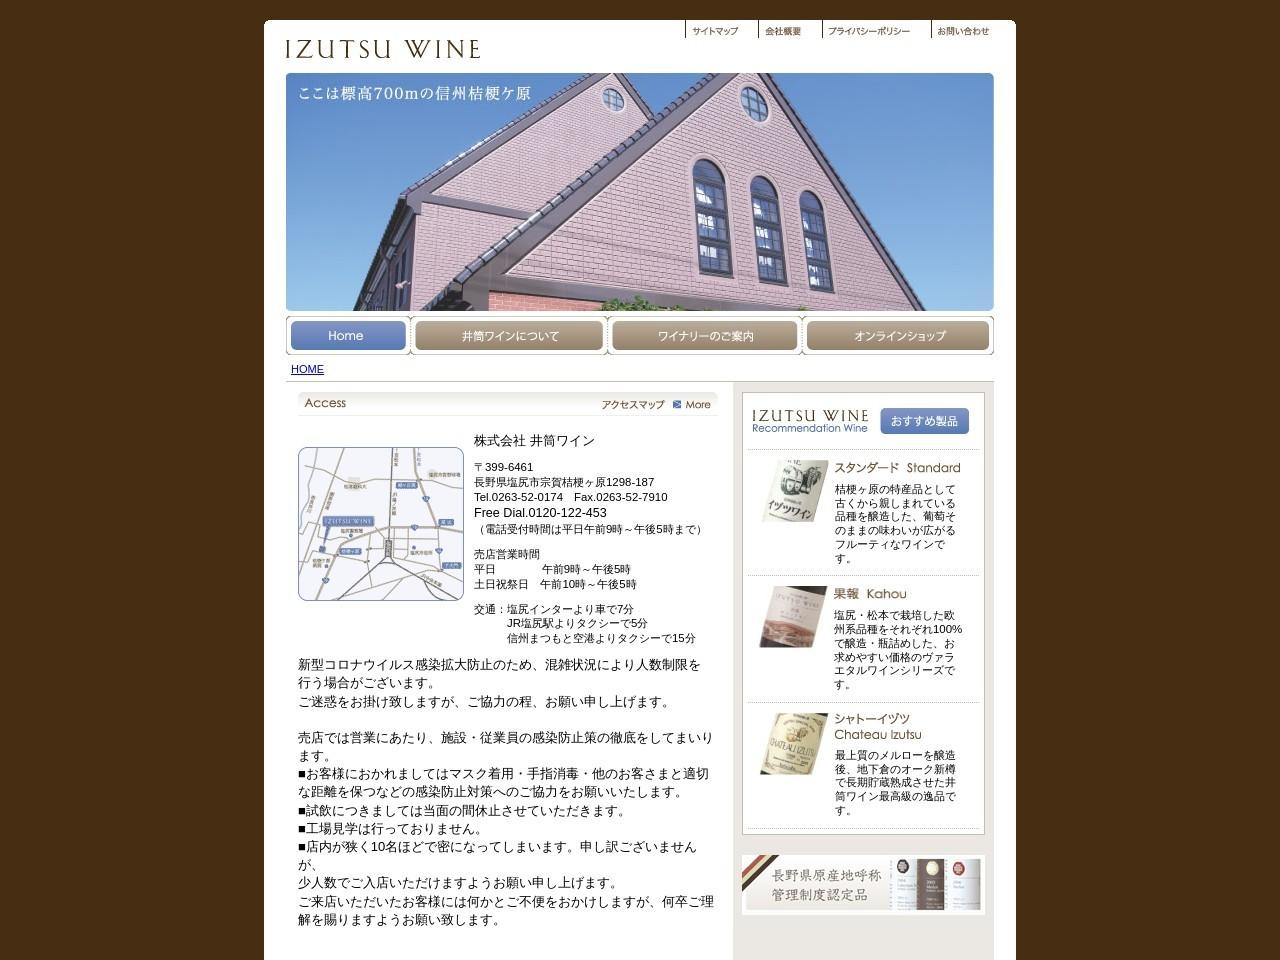 信州桔梗ヶ原 井筒ワイン